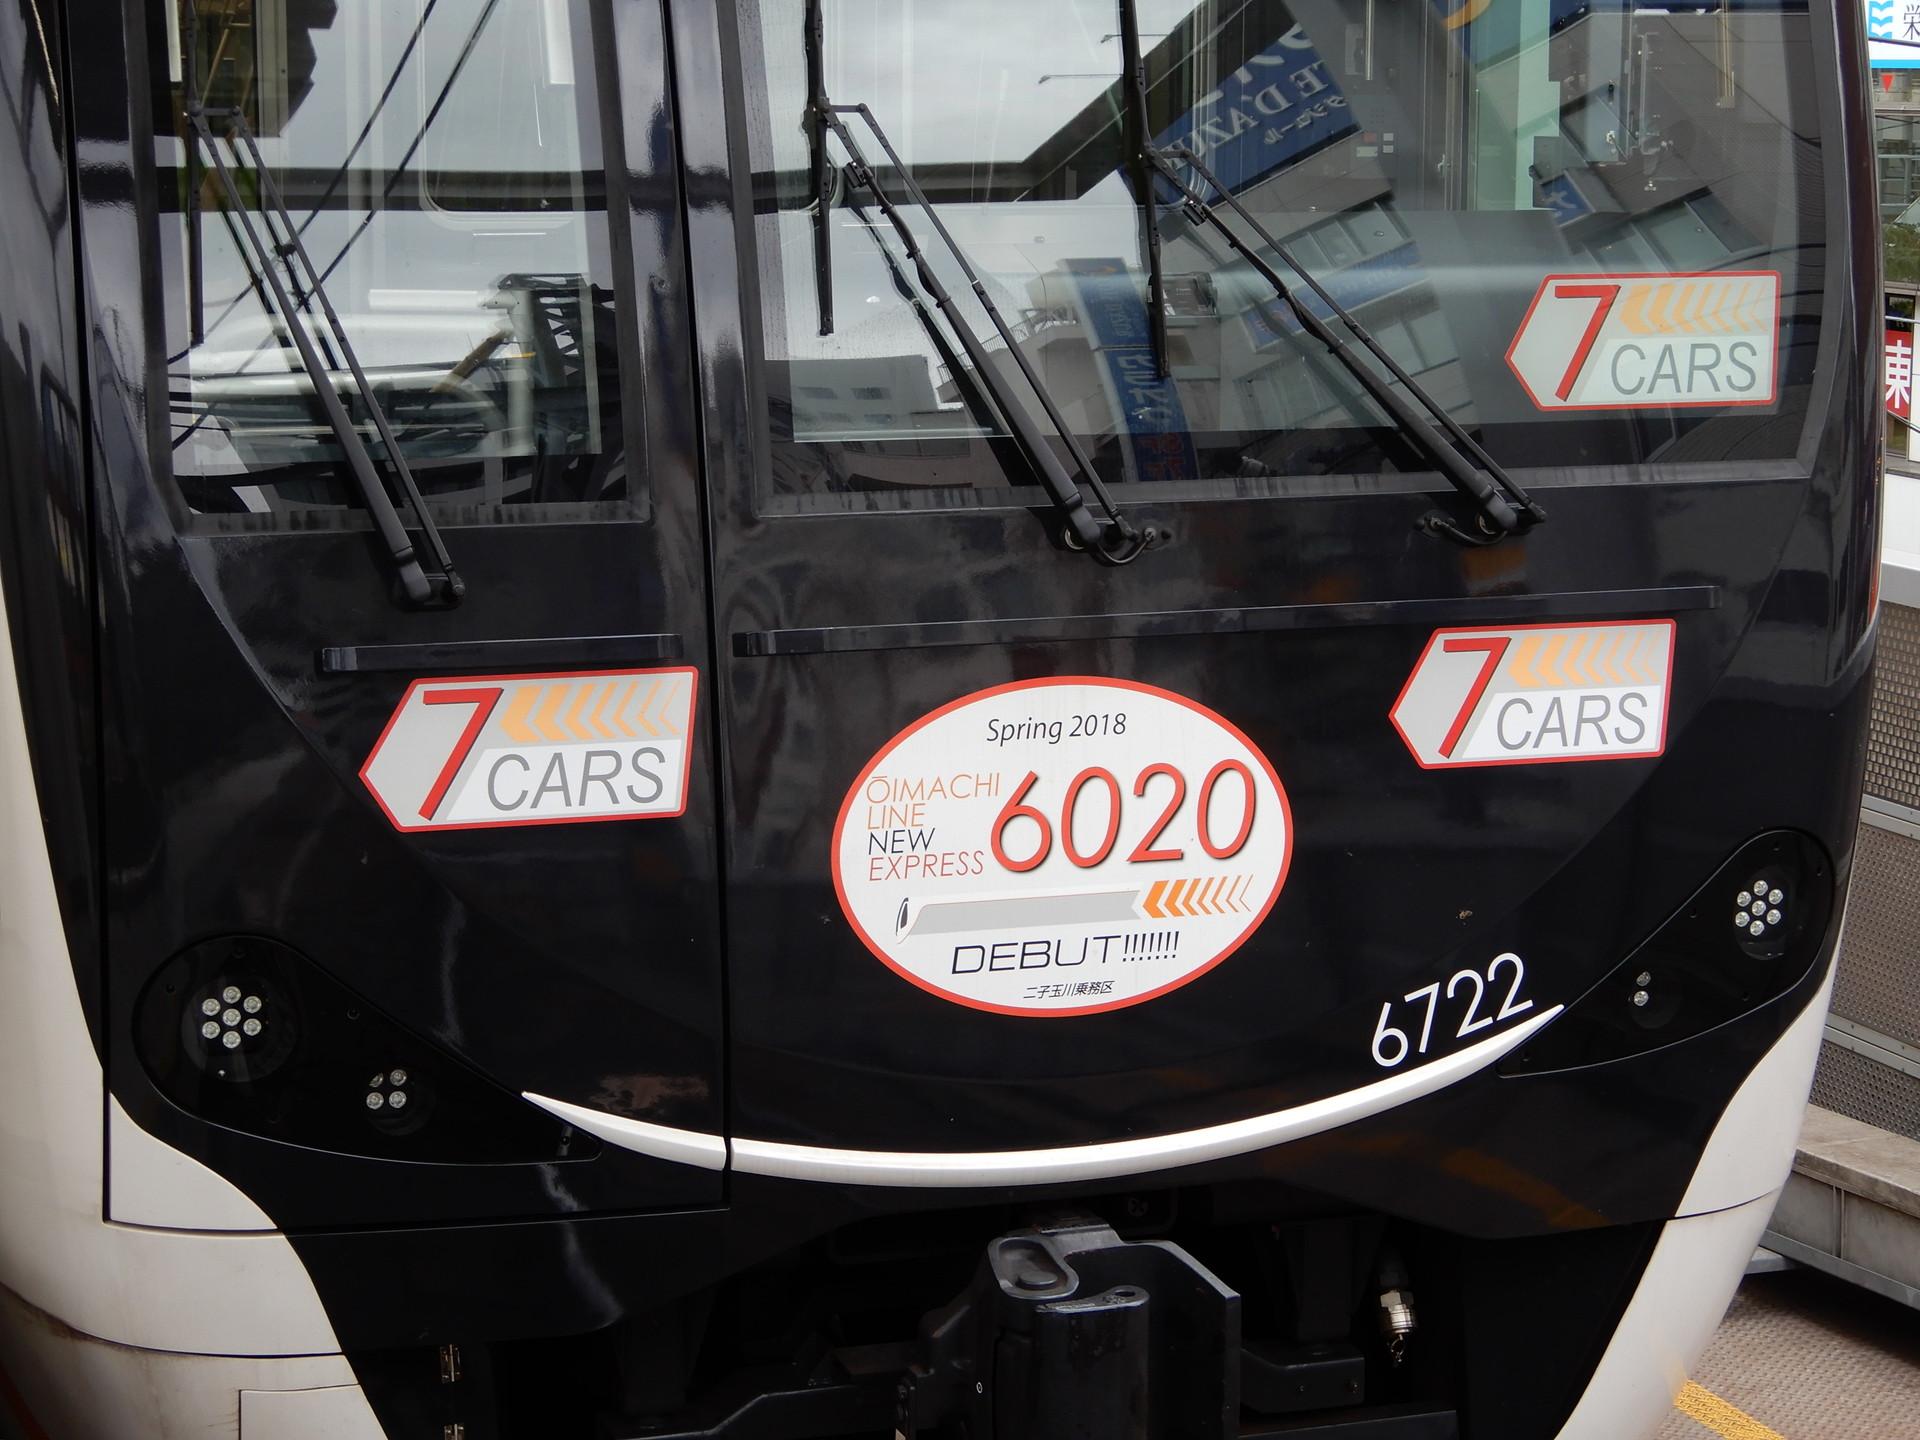 6722号車の3枚ステッカー